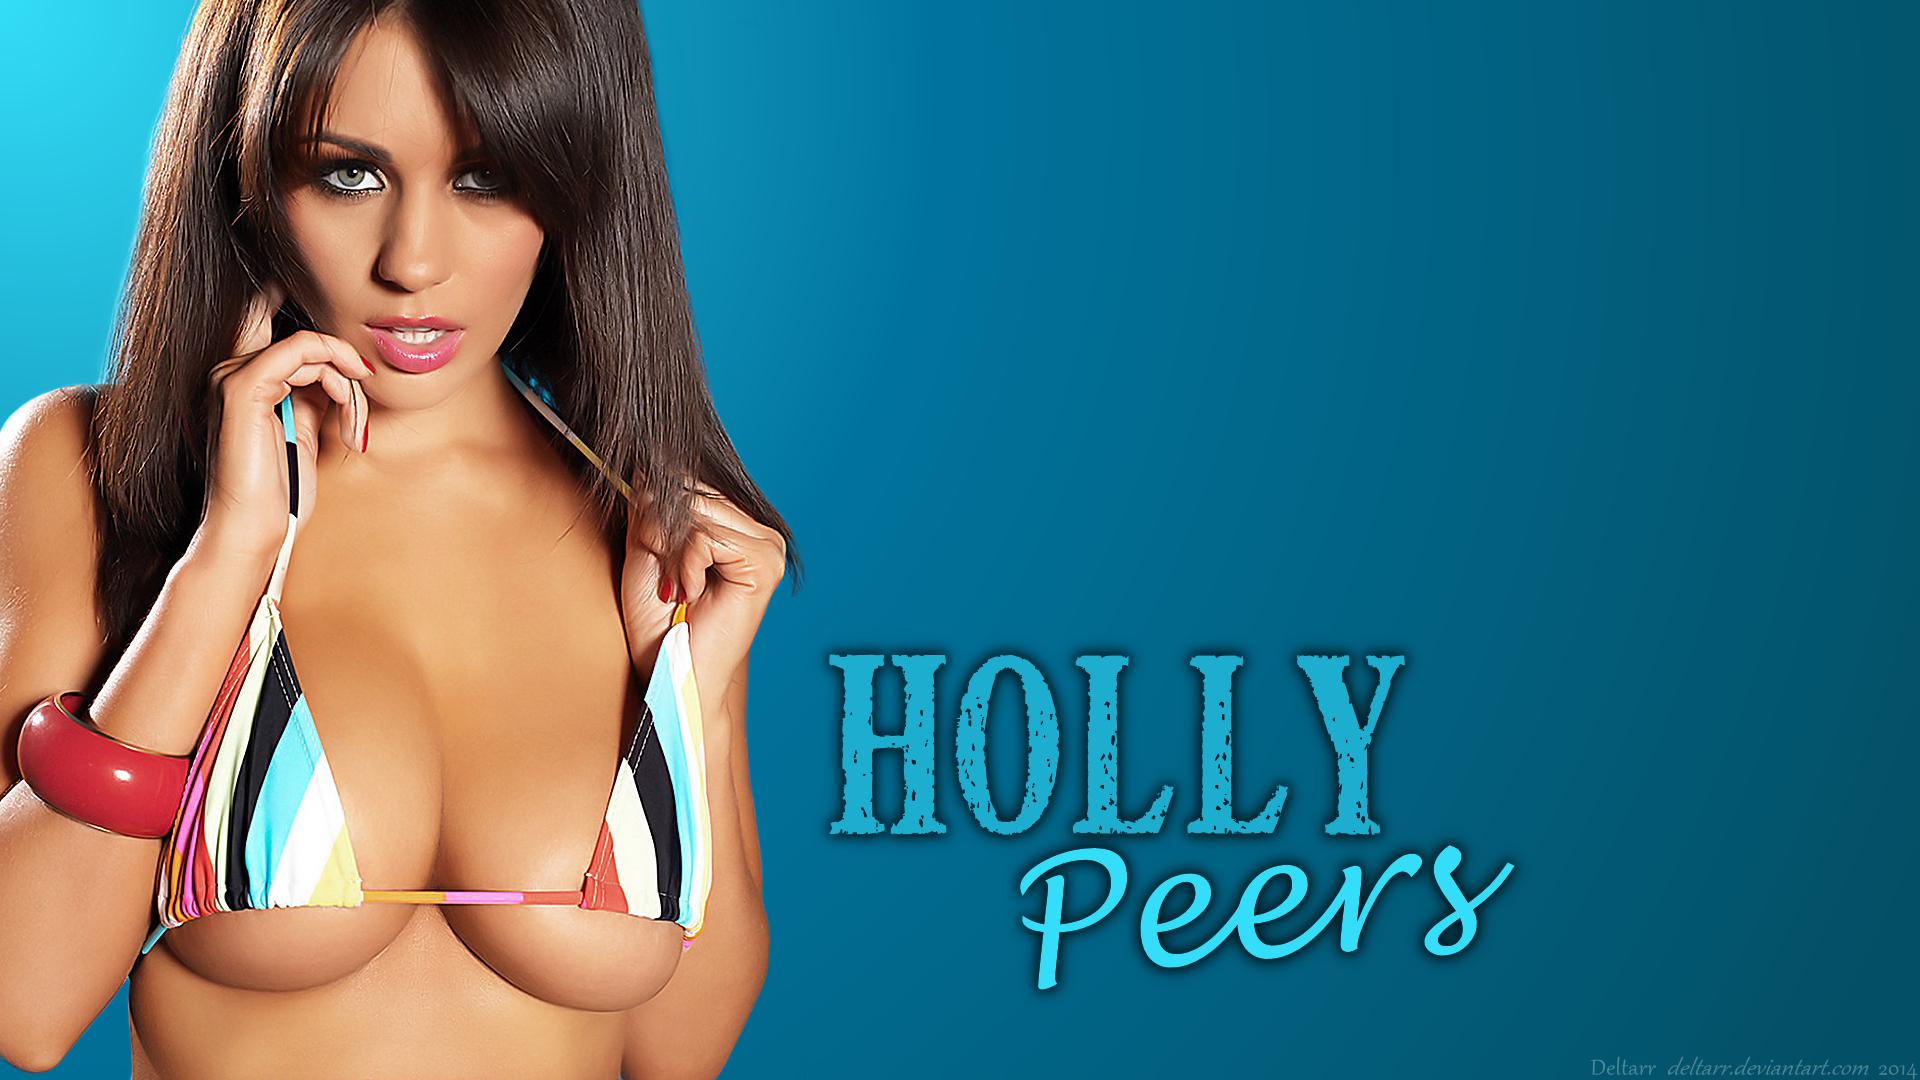 Holly Peers Hot